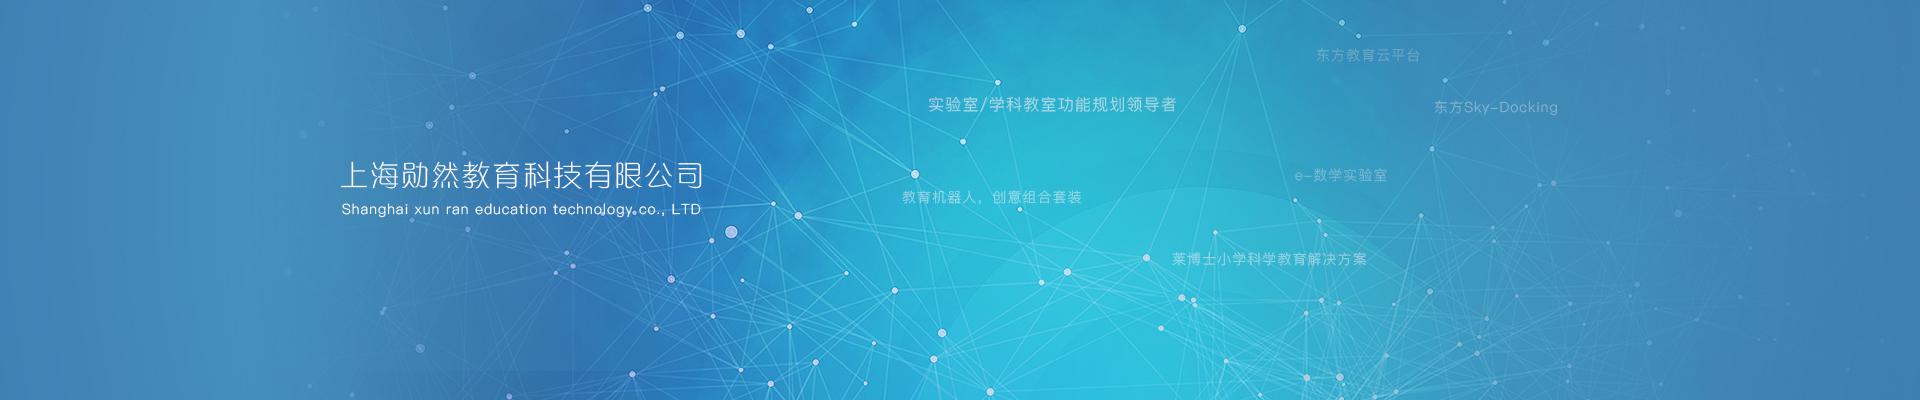 校园科技馆、上海勋然教育科技有限公司